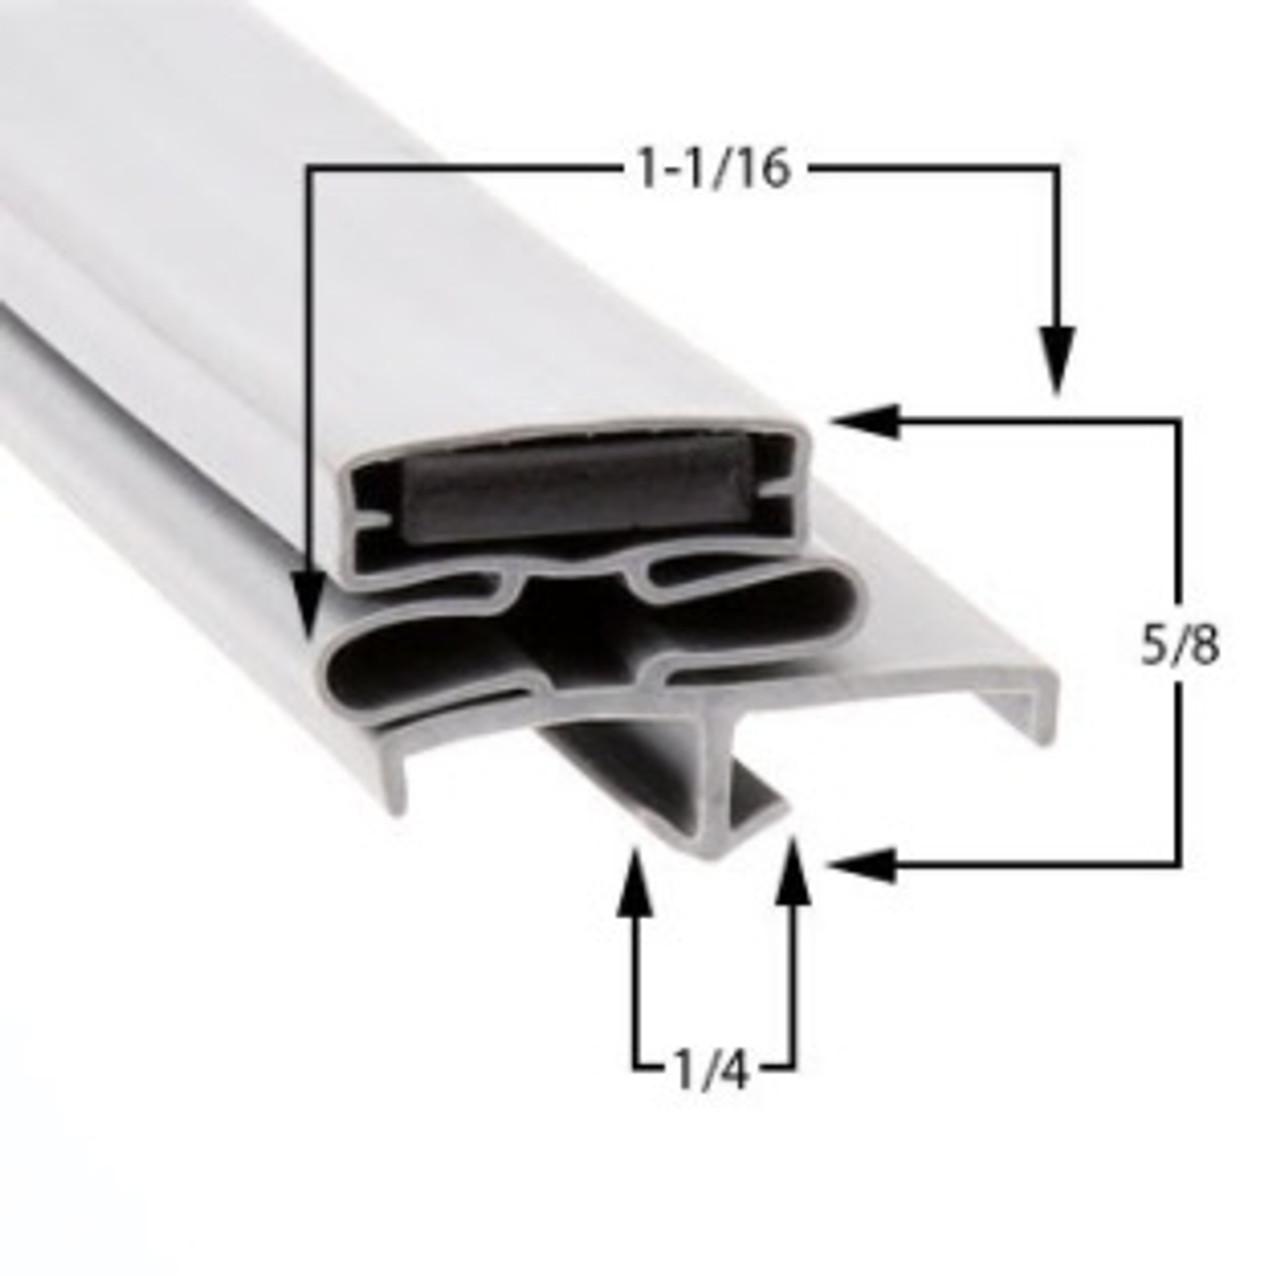 Kairak Door Gasket Profile 168 20 5/8 x  23 -2